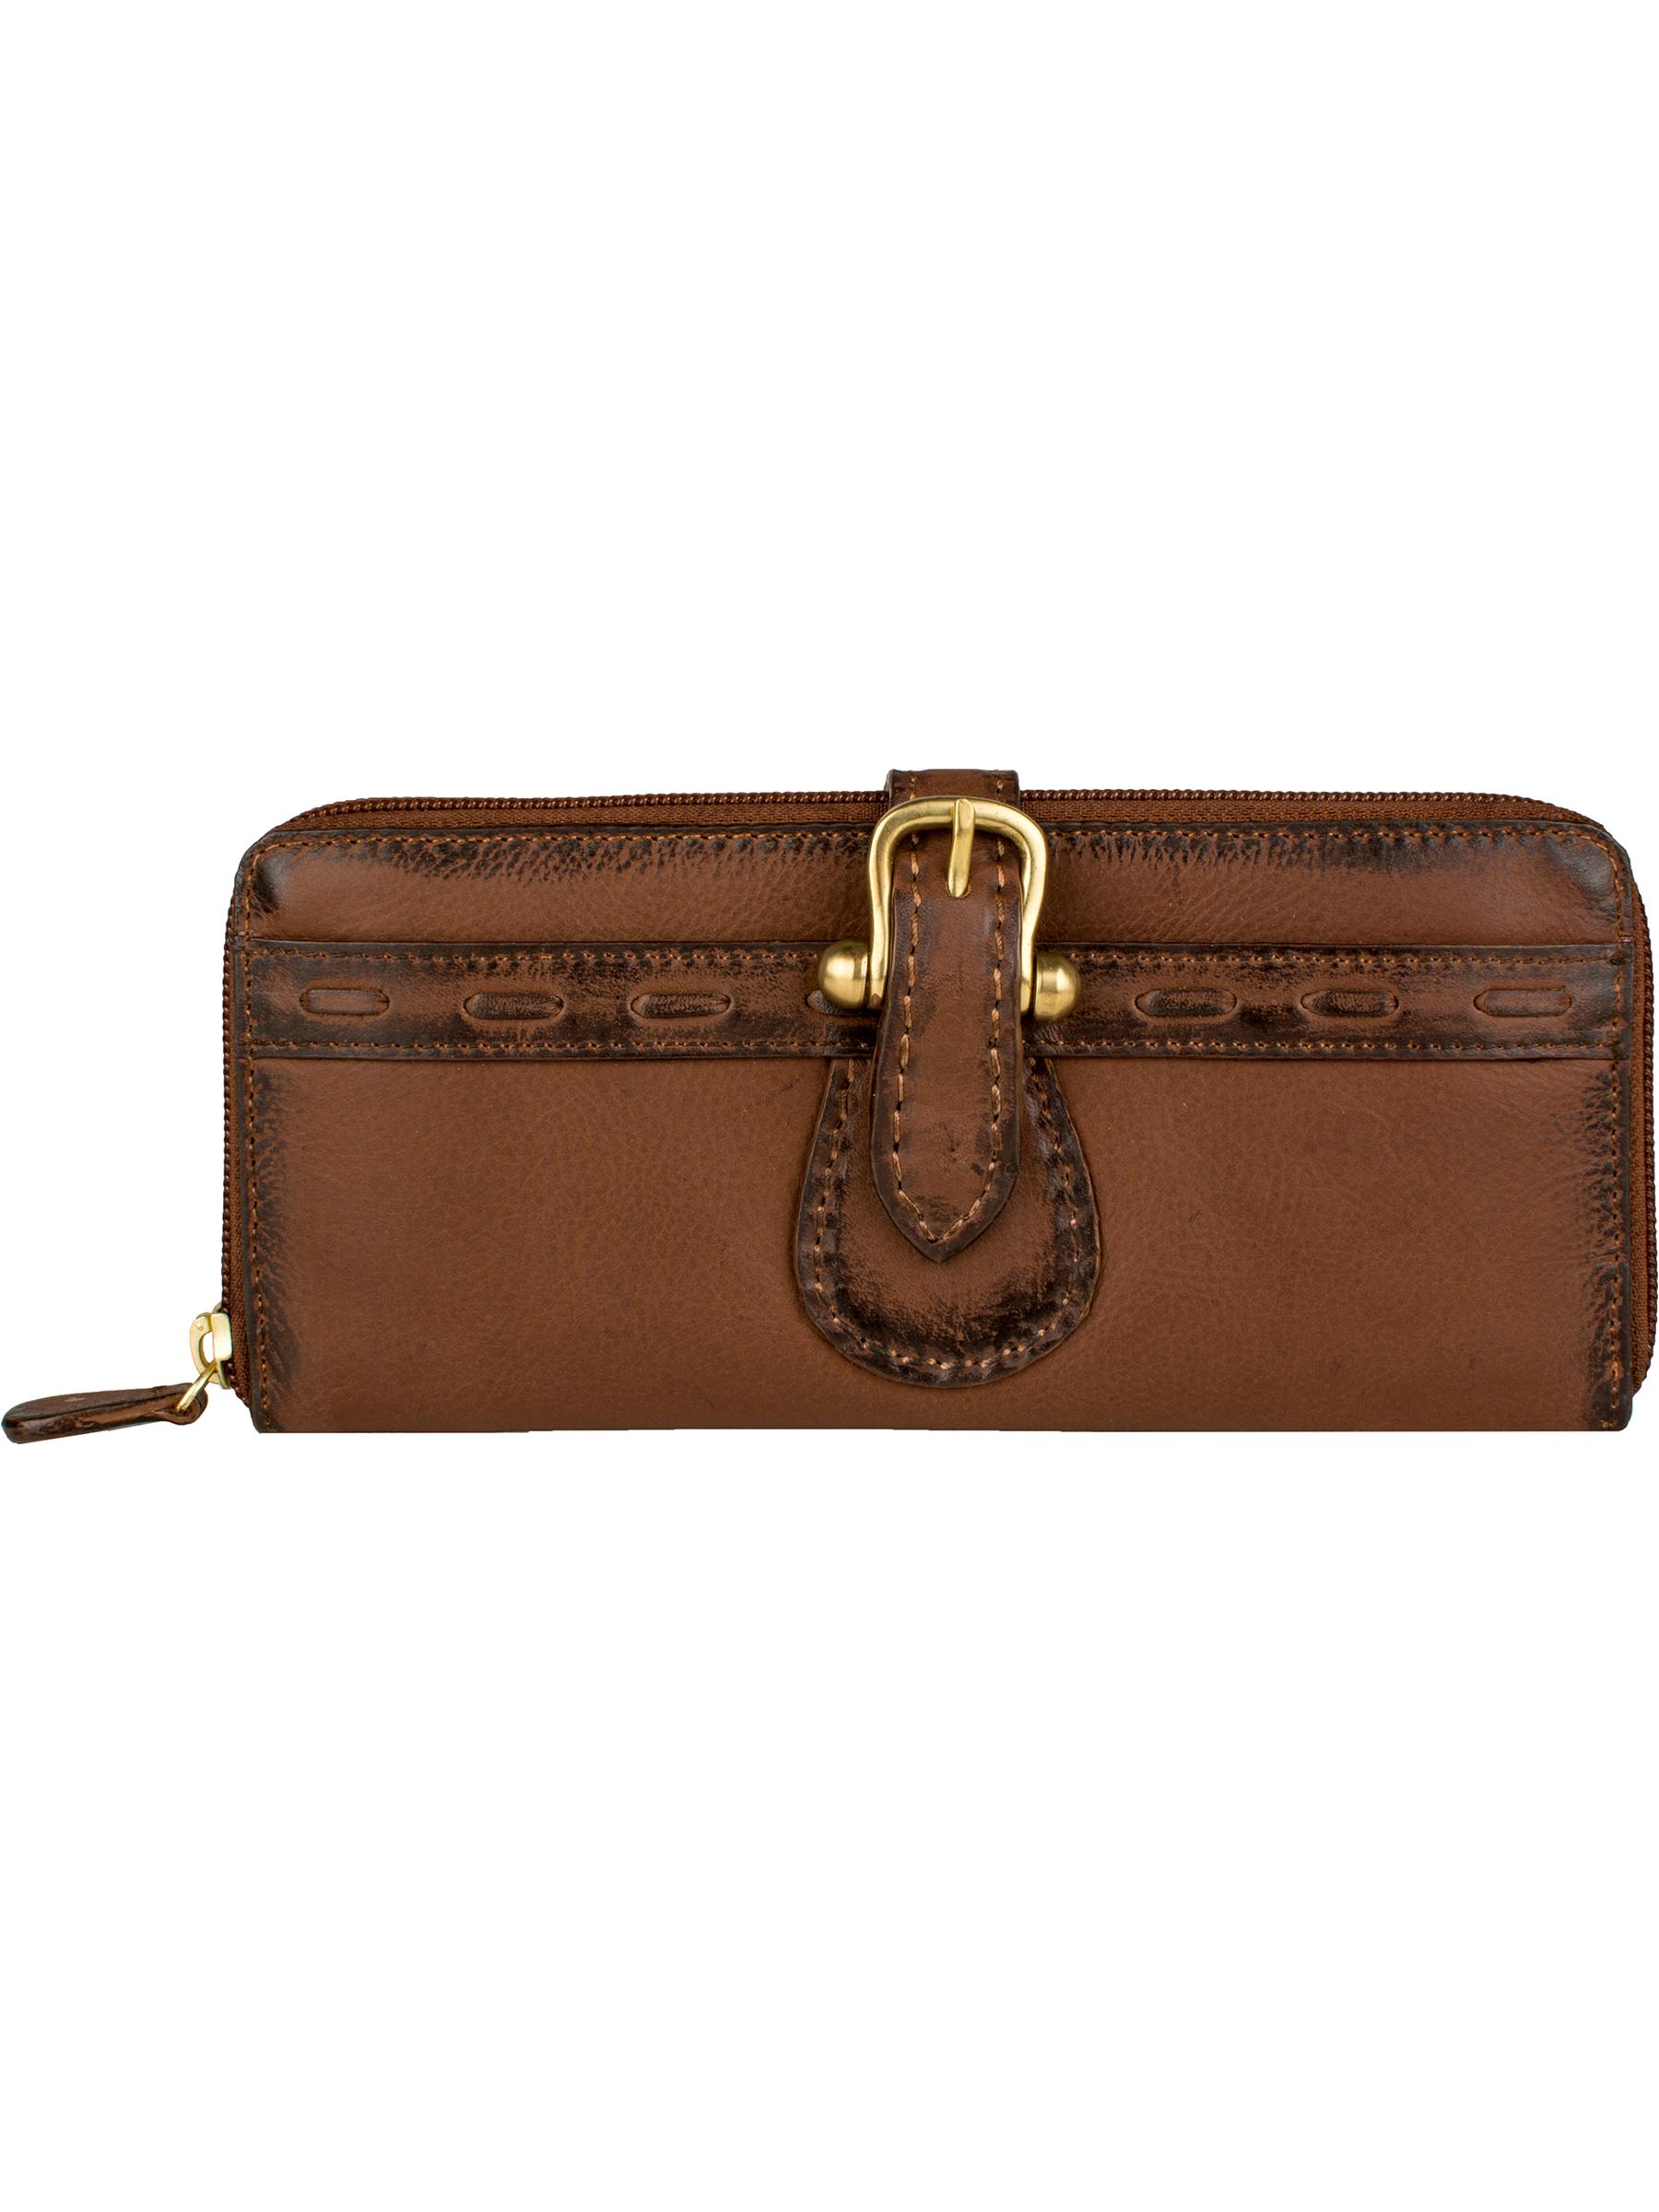 Buckle tab wallet with 3-way zip closure